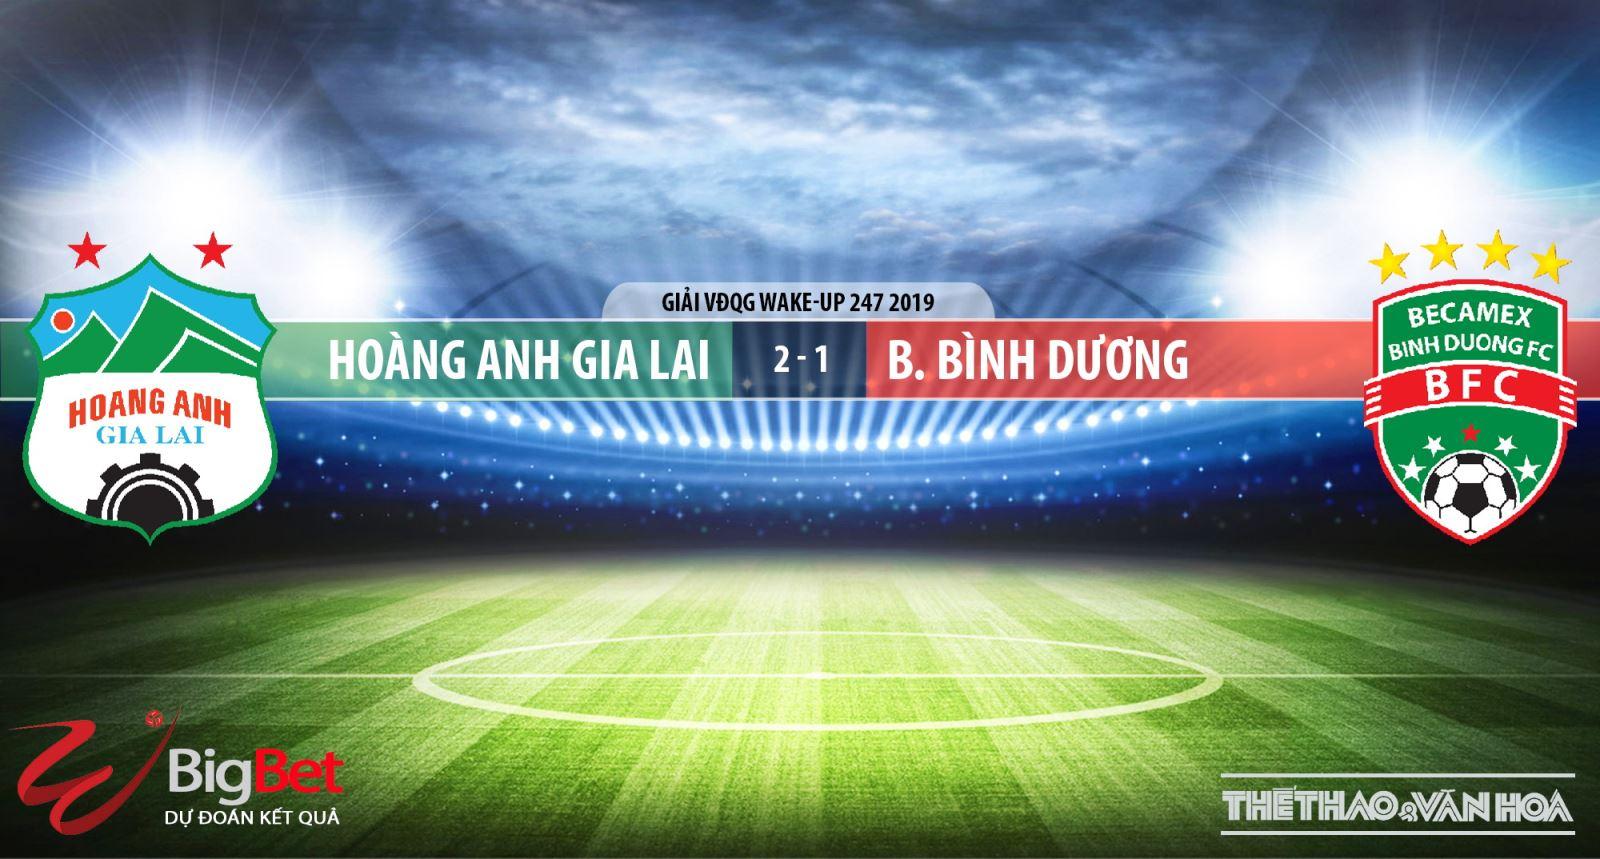 VTV6, HAGL, truc tiep bong da, trực tiếp bóng đá, HAGL vs Bình Dương, Quảng Nam vs Nam Định, truc tiep HAGL, truc tiep Nam Dinh, V League, Hoàng Anh Gia Lai, BĐTV, FPT